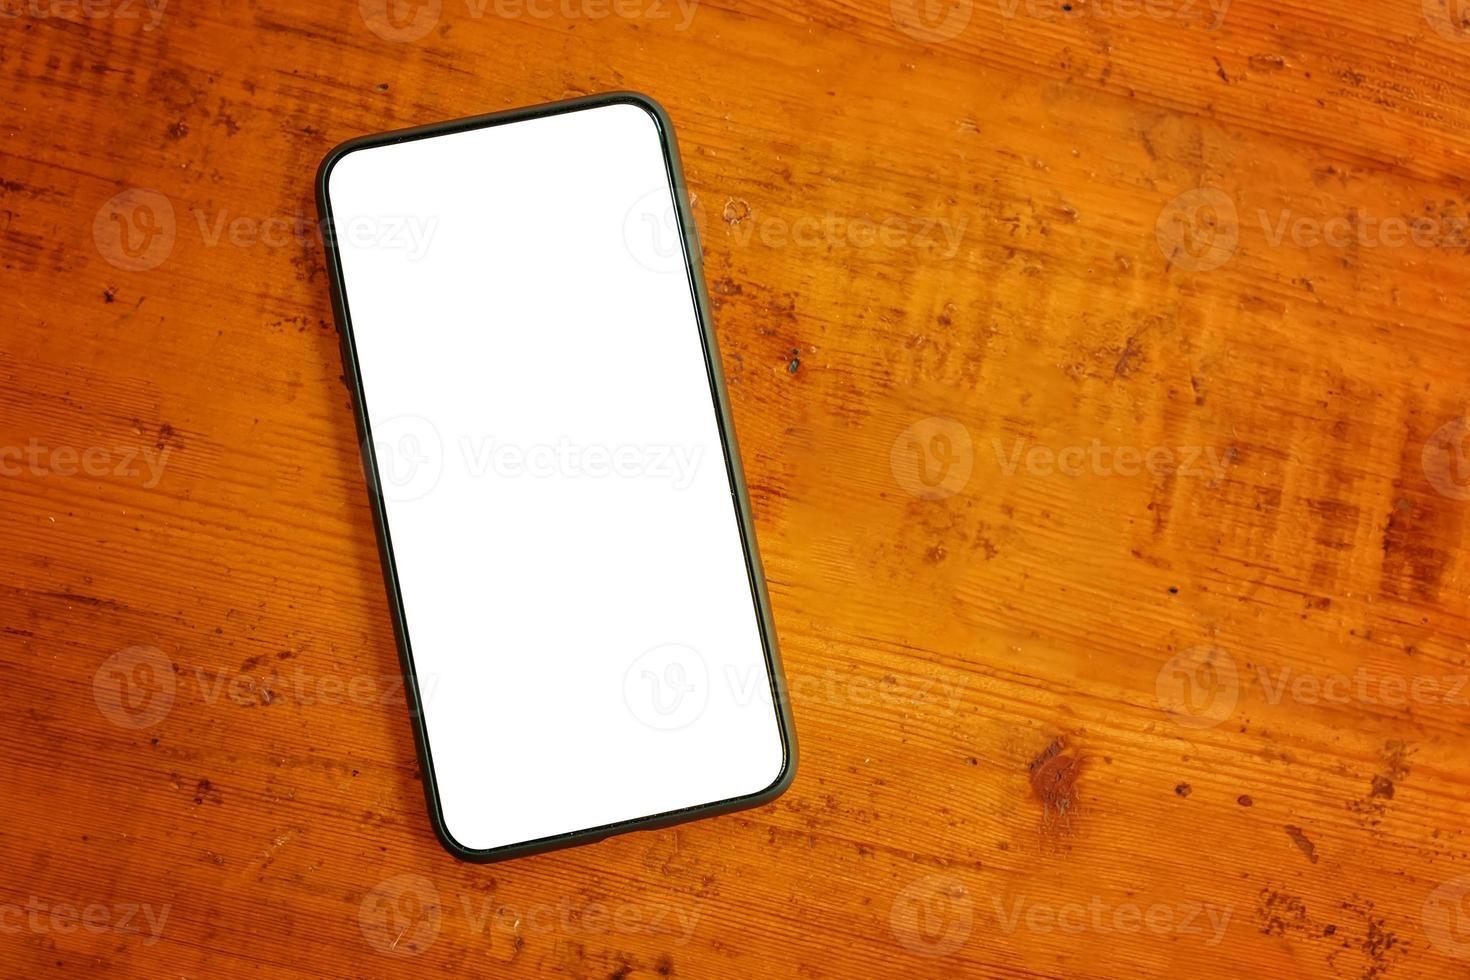 plano de teléfono móvil en la mesa de madera foto